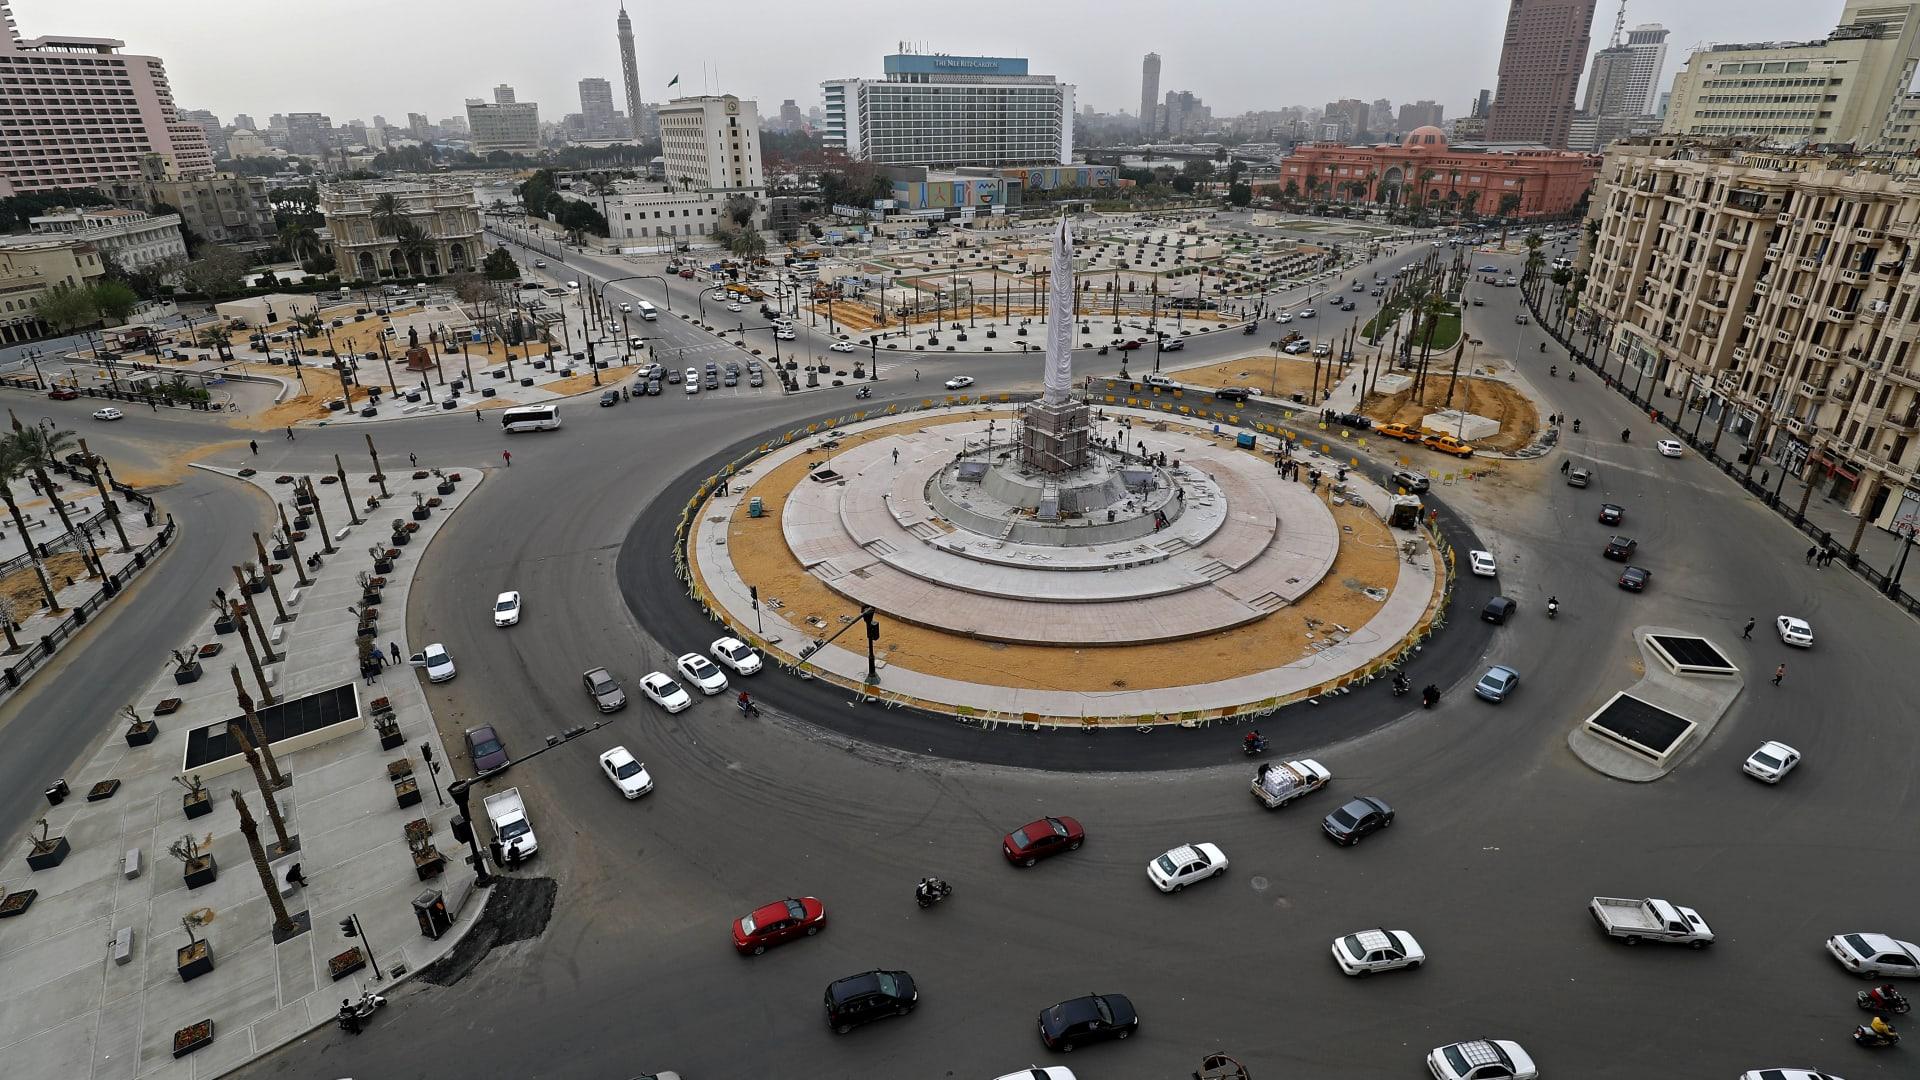 صورة أرشيفية لميدان التحرير في القاهرة الذي يعتبر أيقونة ثورة 25 يناير